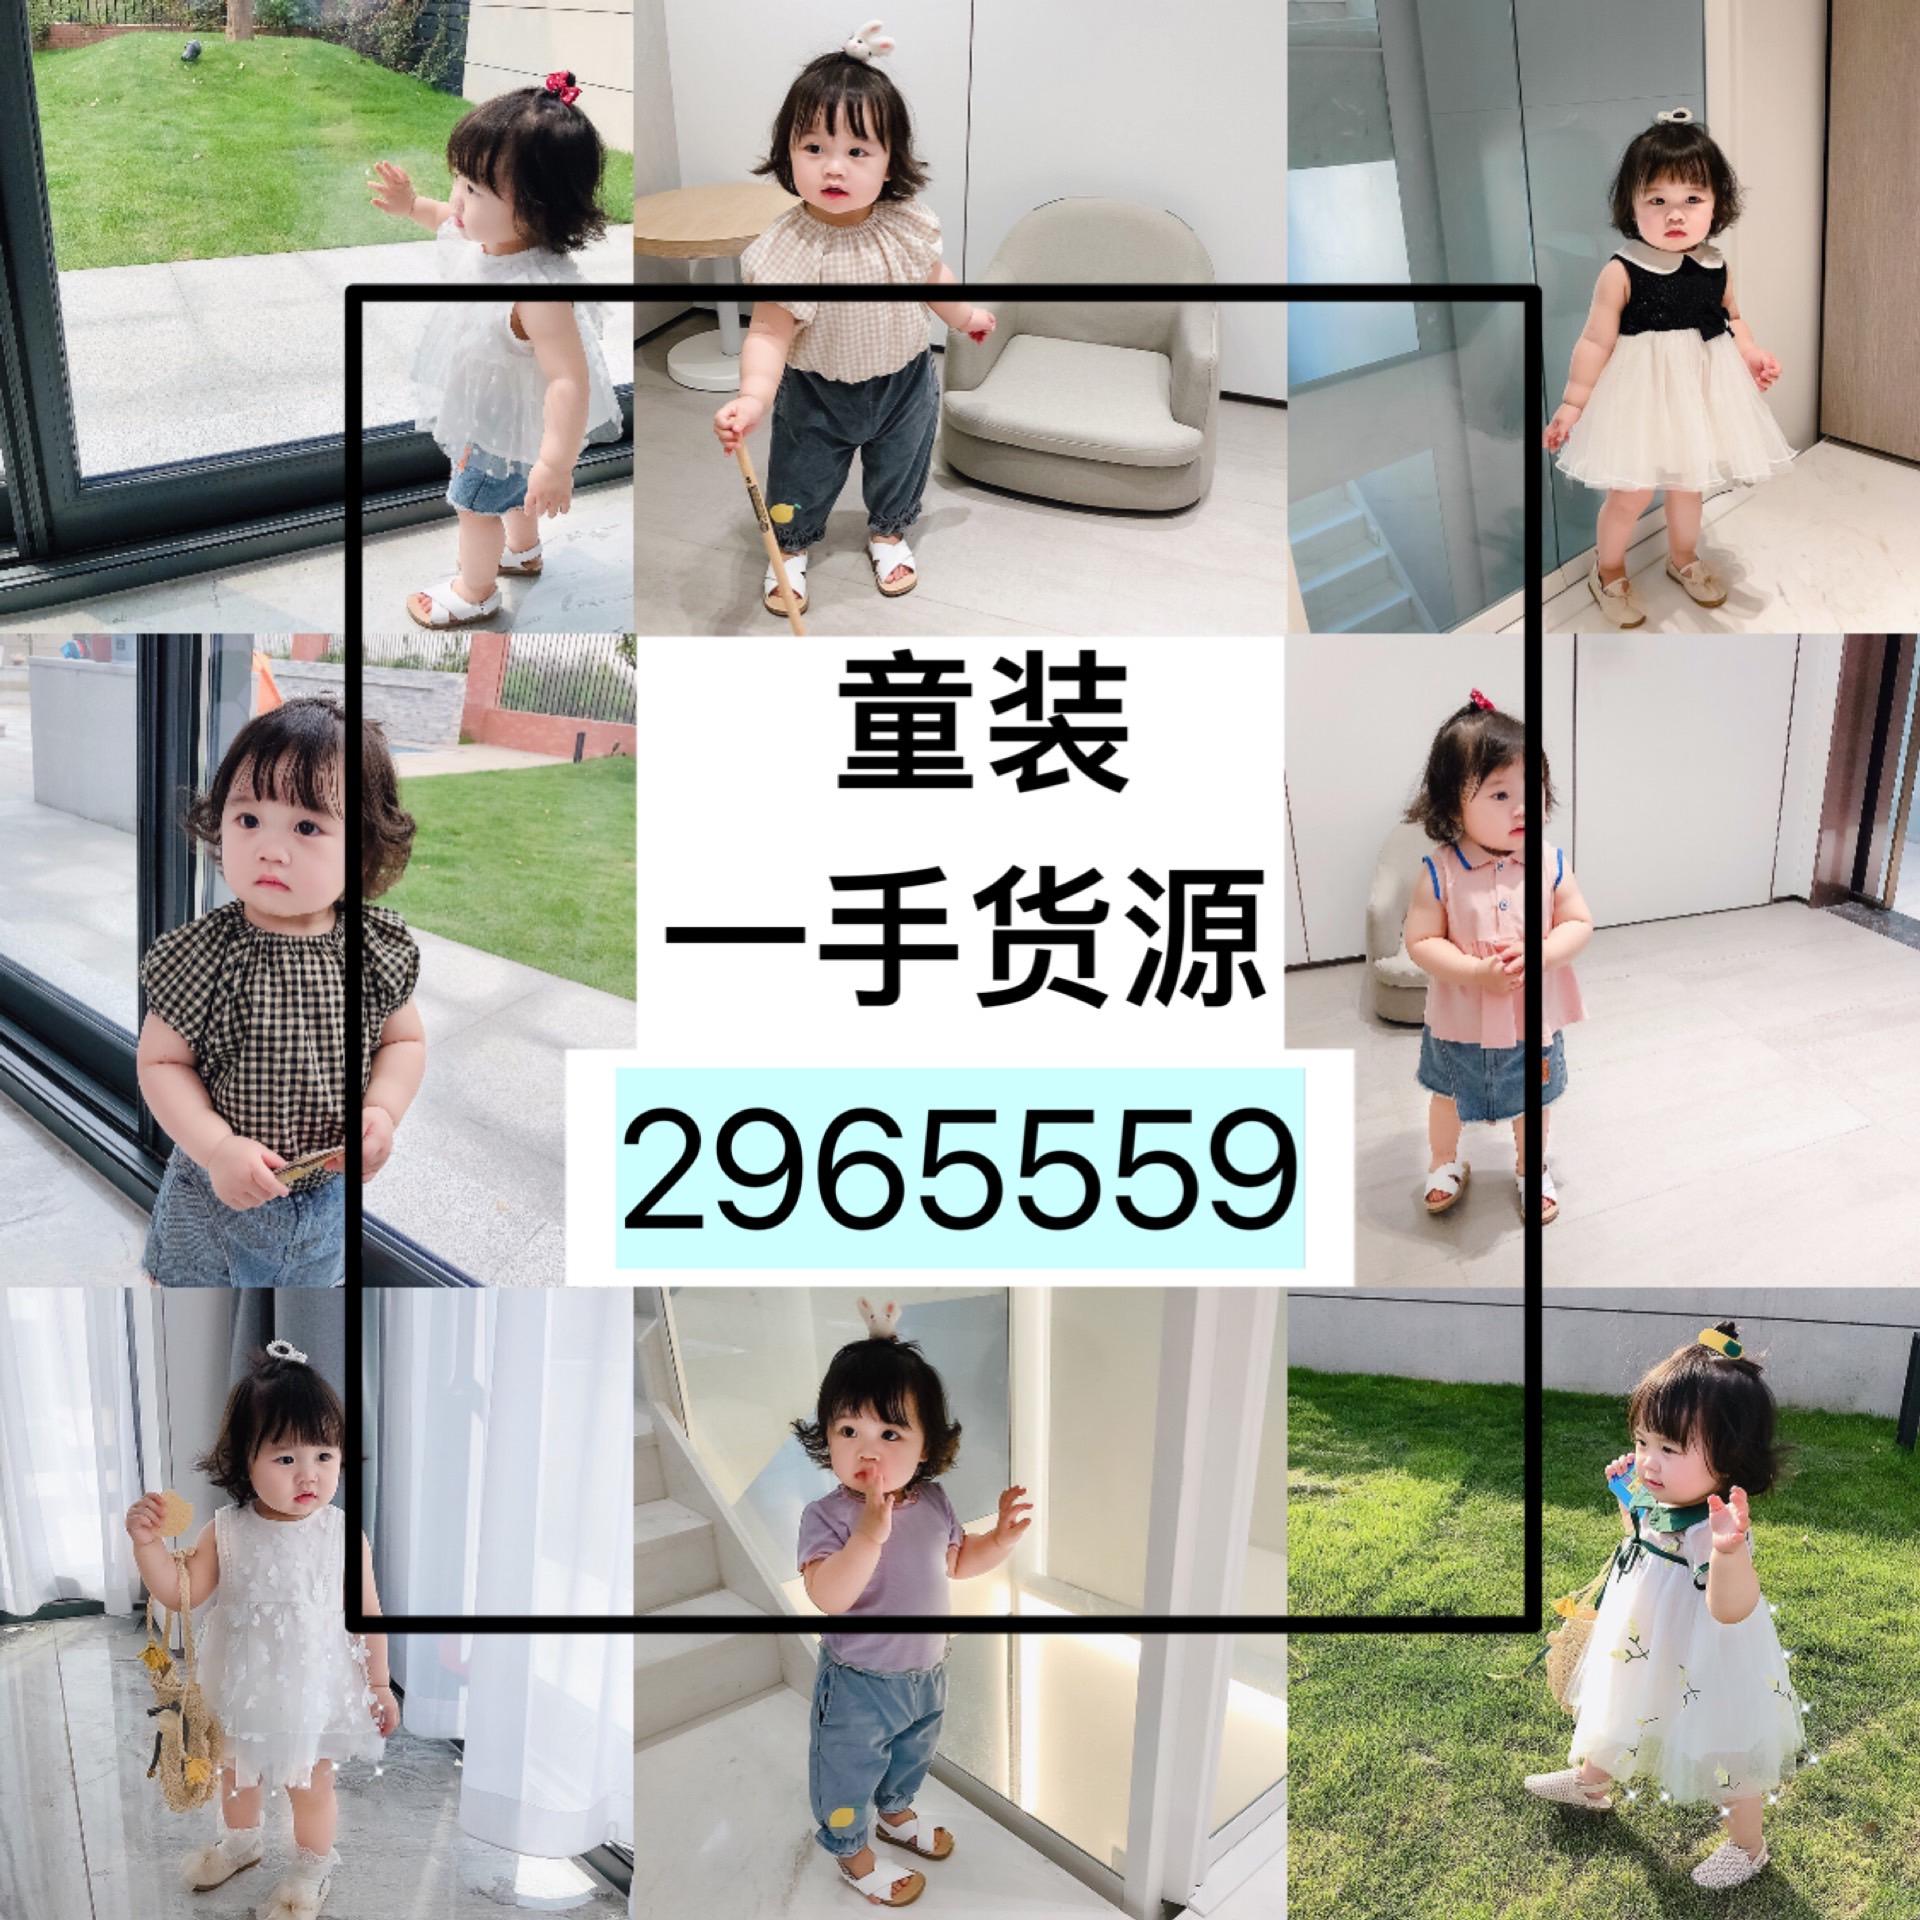 微信图片_20200512110914.jpg